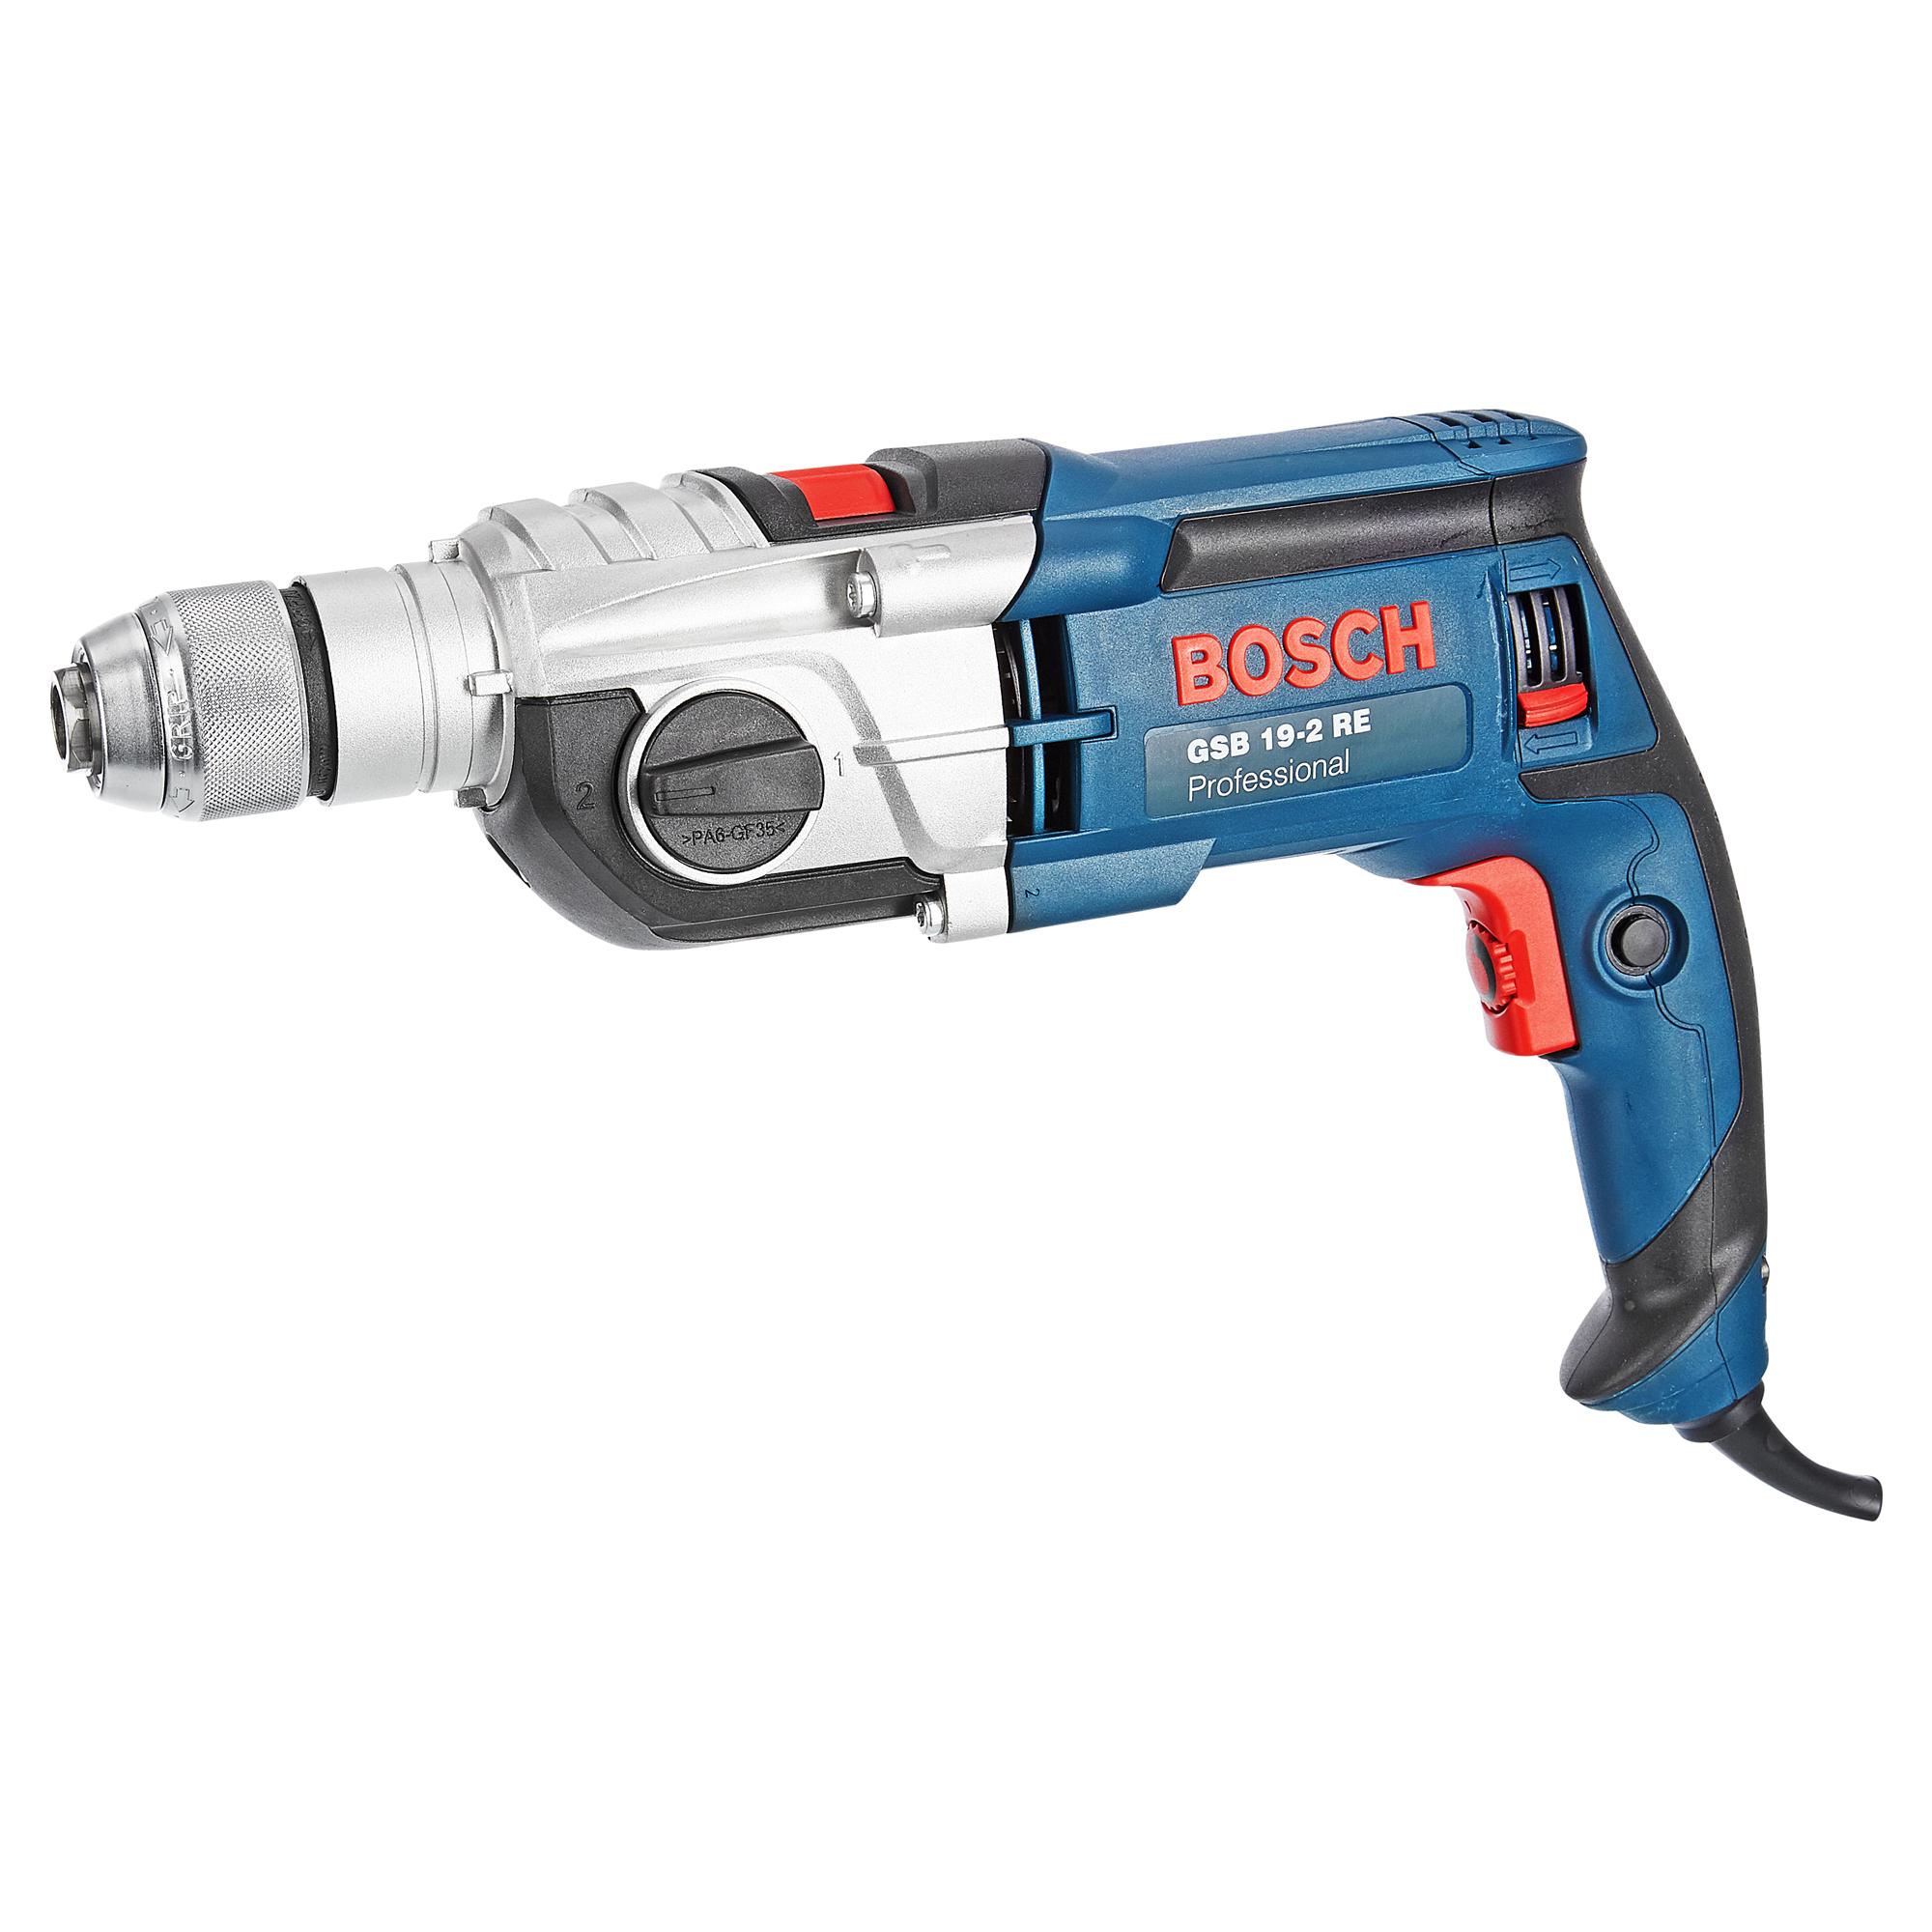 Bosch Schlagbohrmaschine Professional Gsb 19 2 Re ǀ Toom Baumarkt